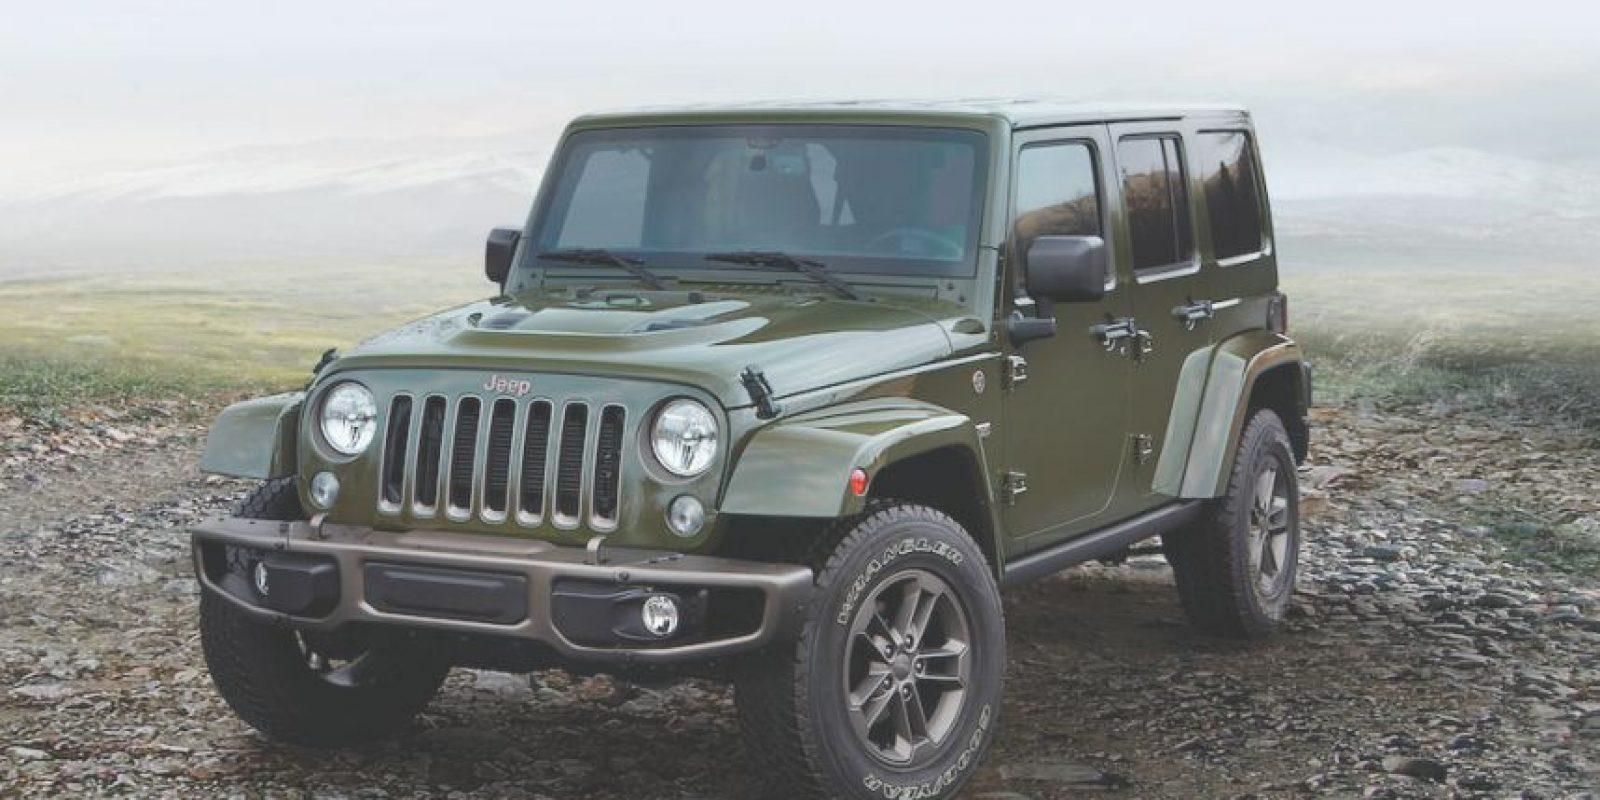 El rey de todos los vehículos 4X4 estadounidenses es, sin duda, el Wrangler, un ícono en capacidades fuera del asfalto. Con una edición especial del 75 Aniversario de la marca, celebramos la fiesta llevándolo al límite en el desierto. Foto:Jeep